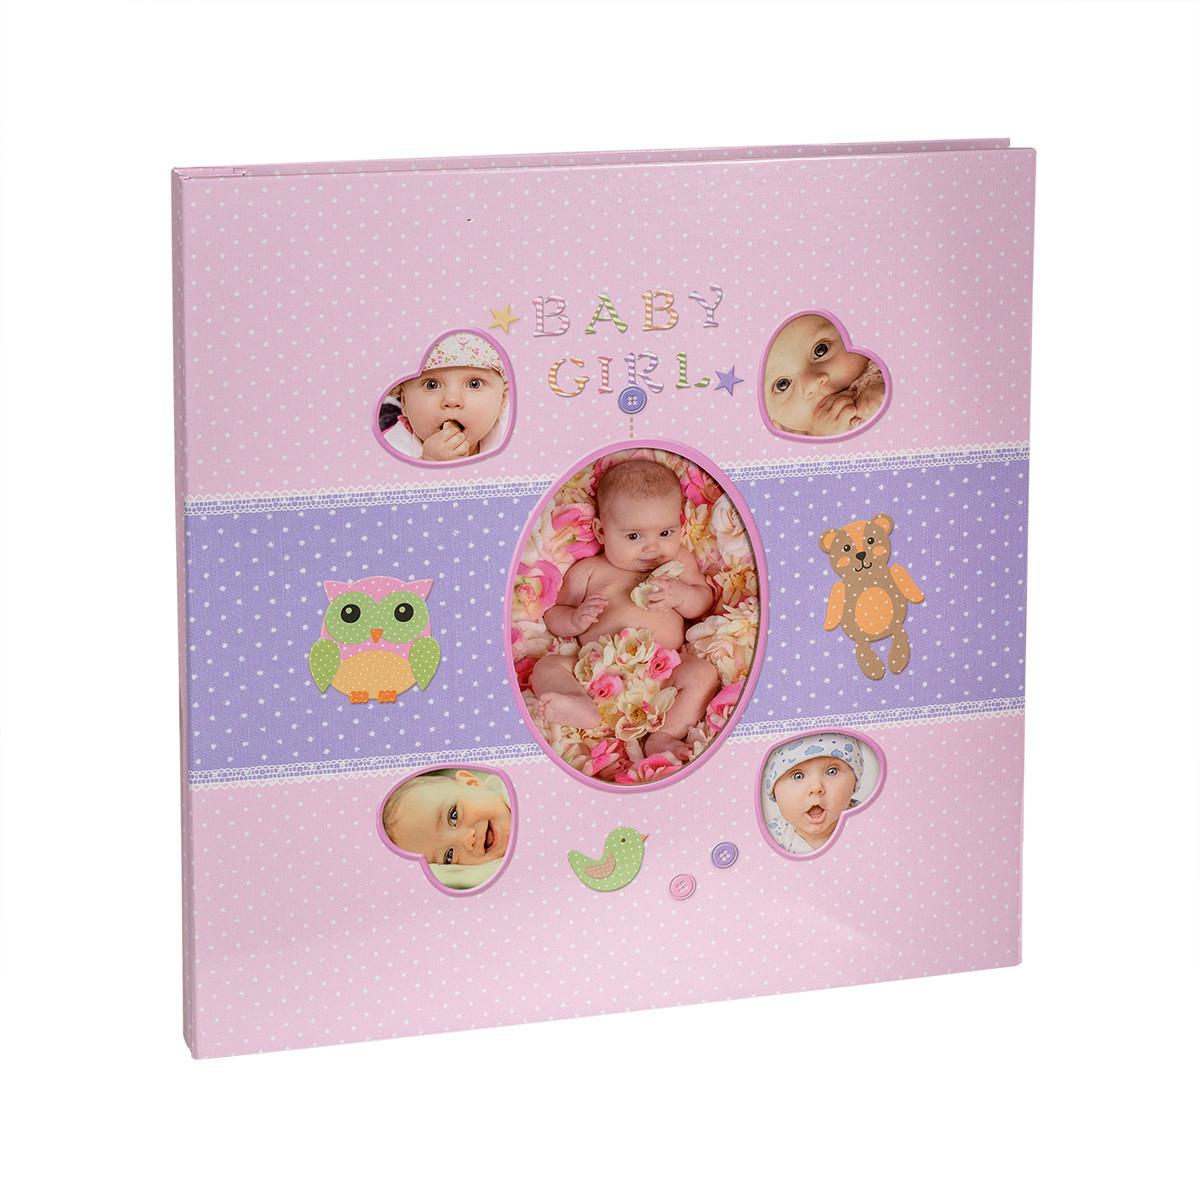 Альбом CHAKO 20 Sheet 9840 Babylove (20 магн. листів) Pink